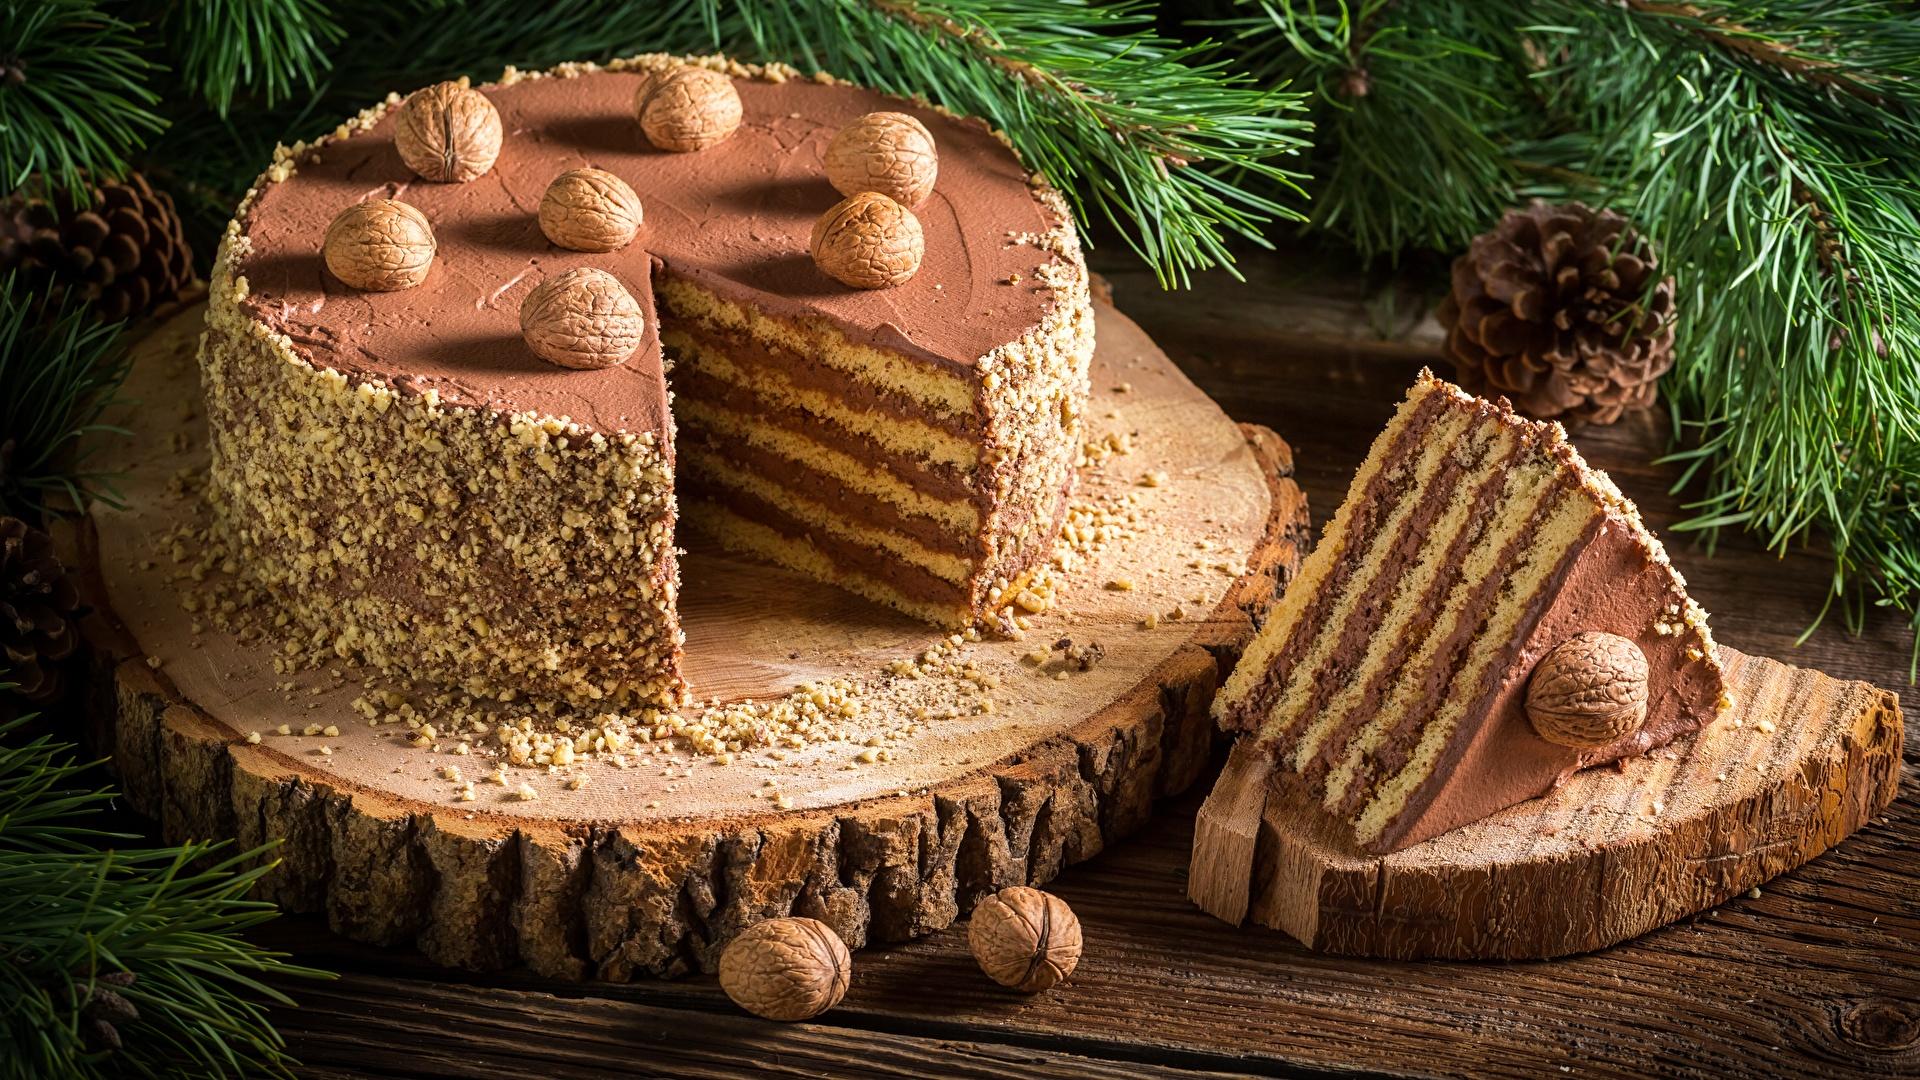 Обои Новый год Торты Кусок Продукты питания Орехи 1920x1080 Рождество часть Еда Пища